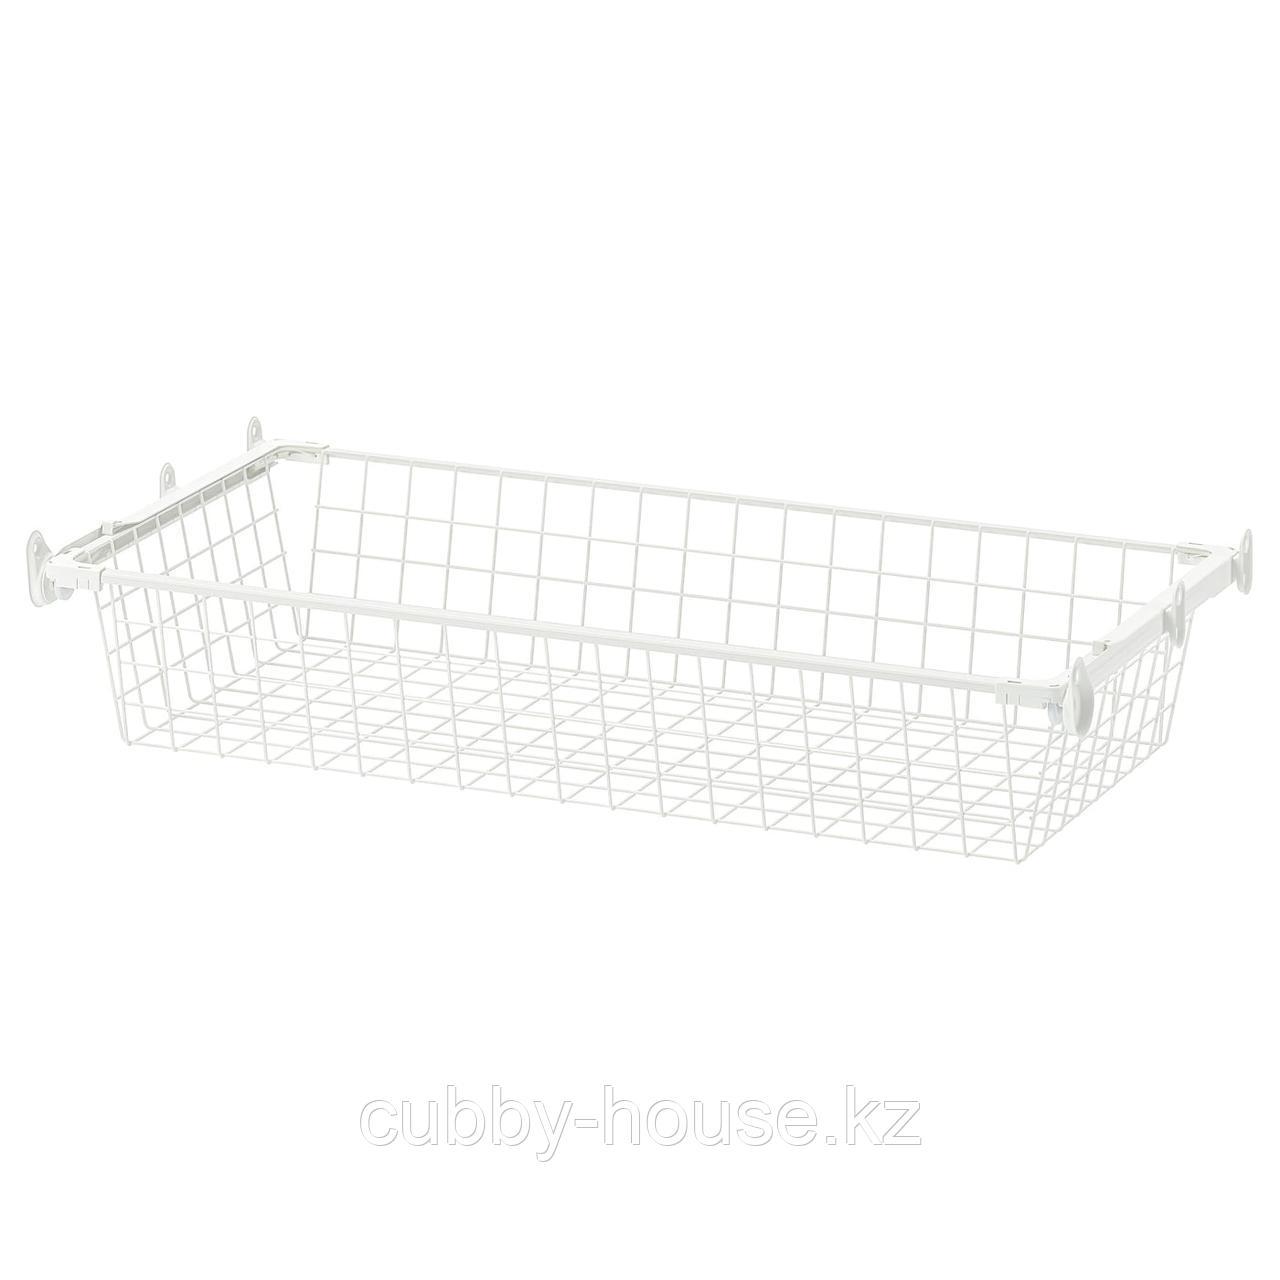 ХЭЛПА Проволочн корзина с направляющими, белый, 60x40 см